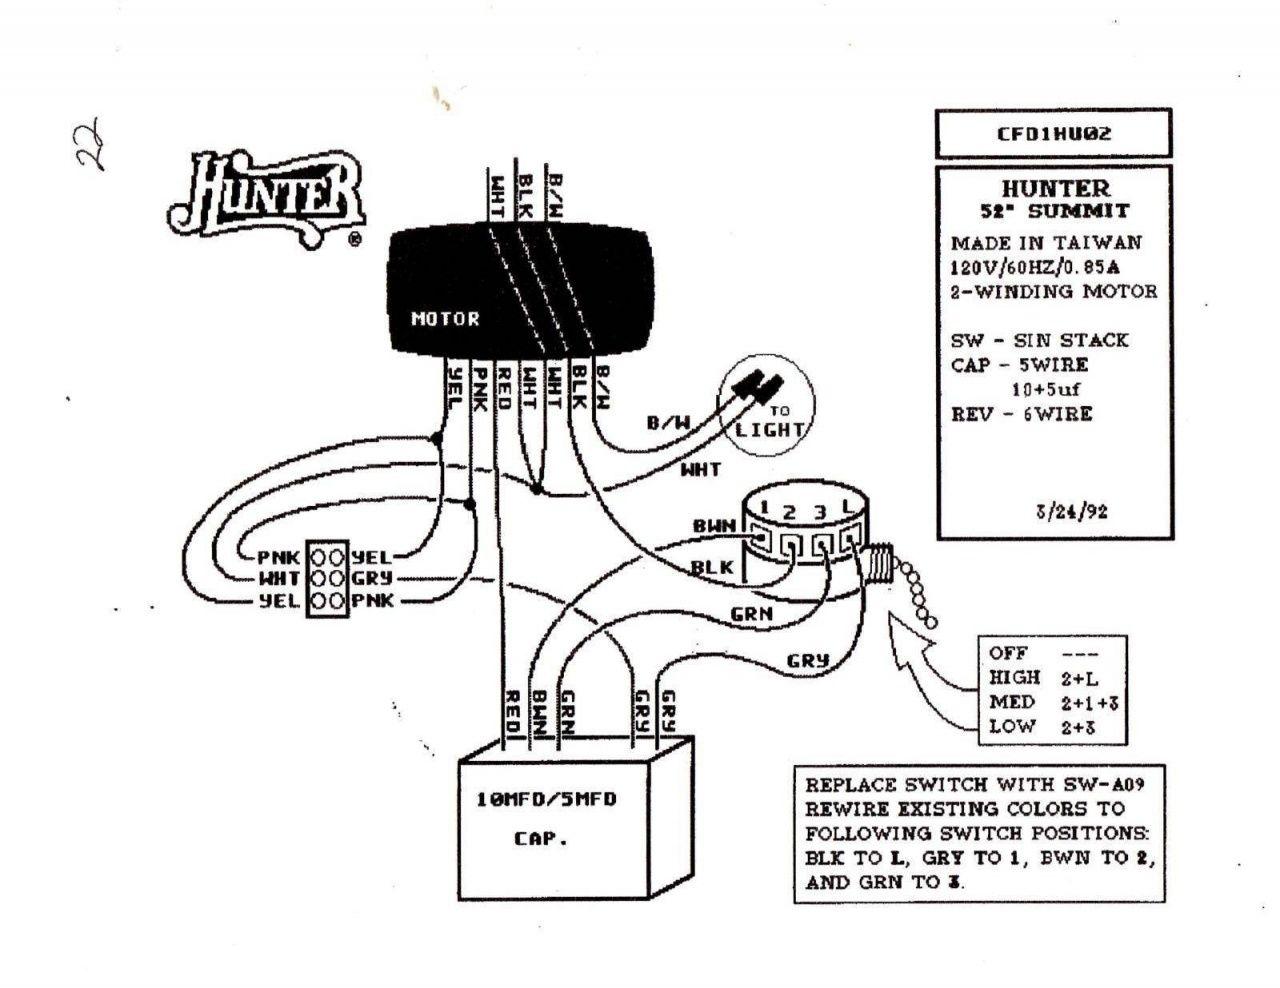 Hunter Ceiling Fan Switch Wiring Diagram In